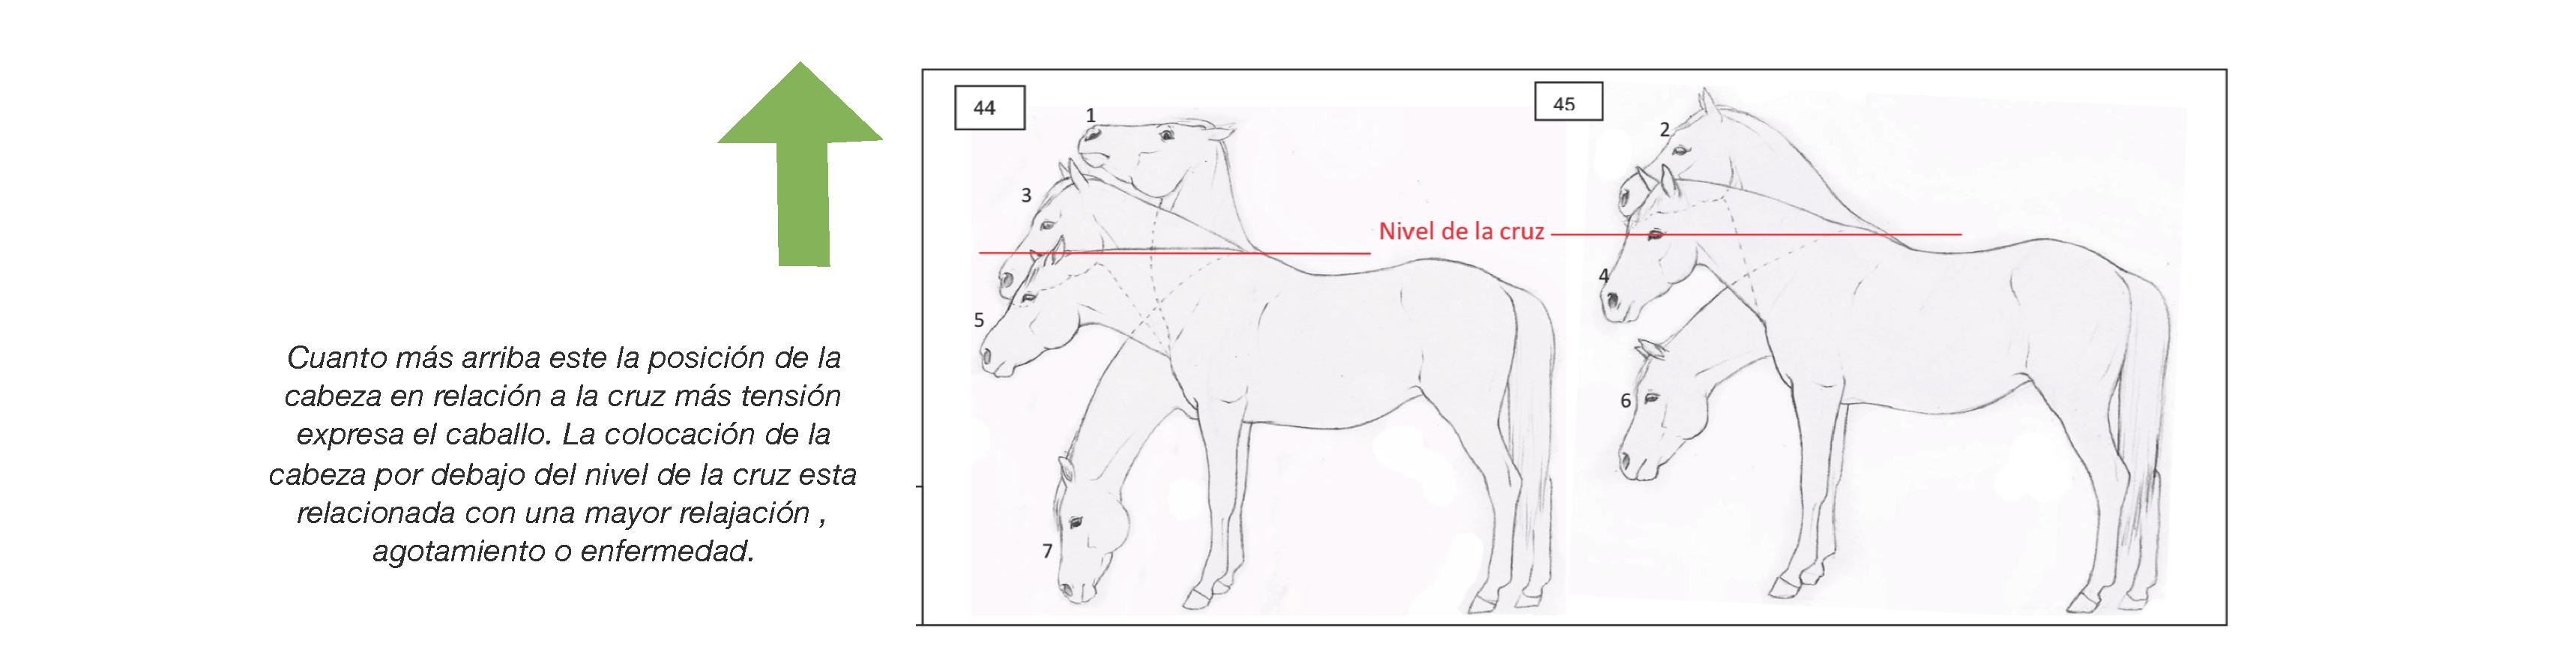 vista del punto de incomodidad del caballo